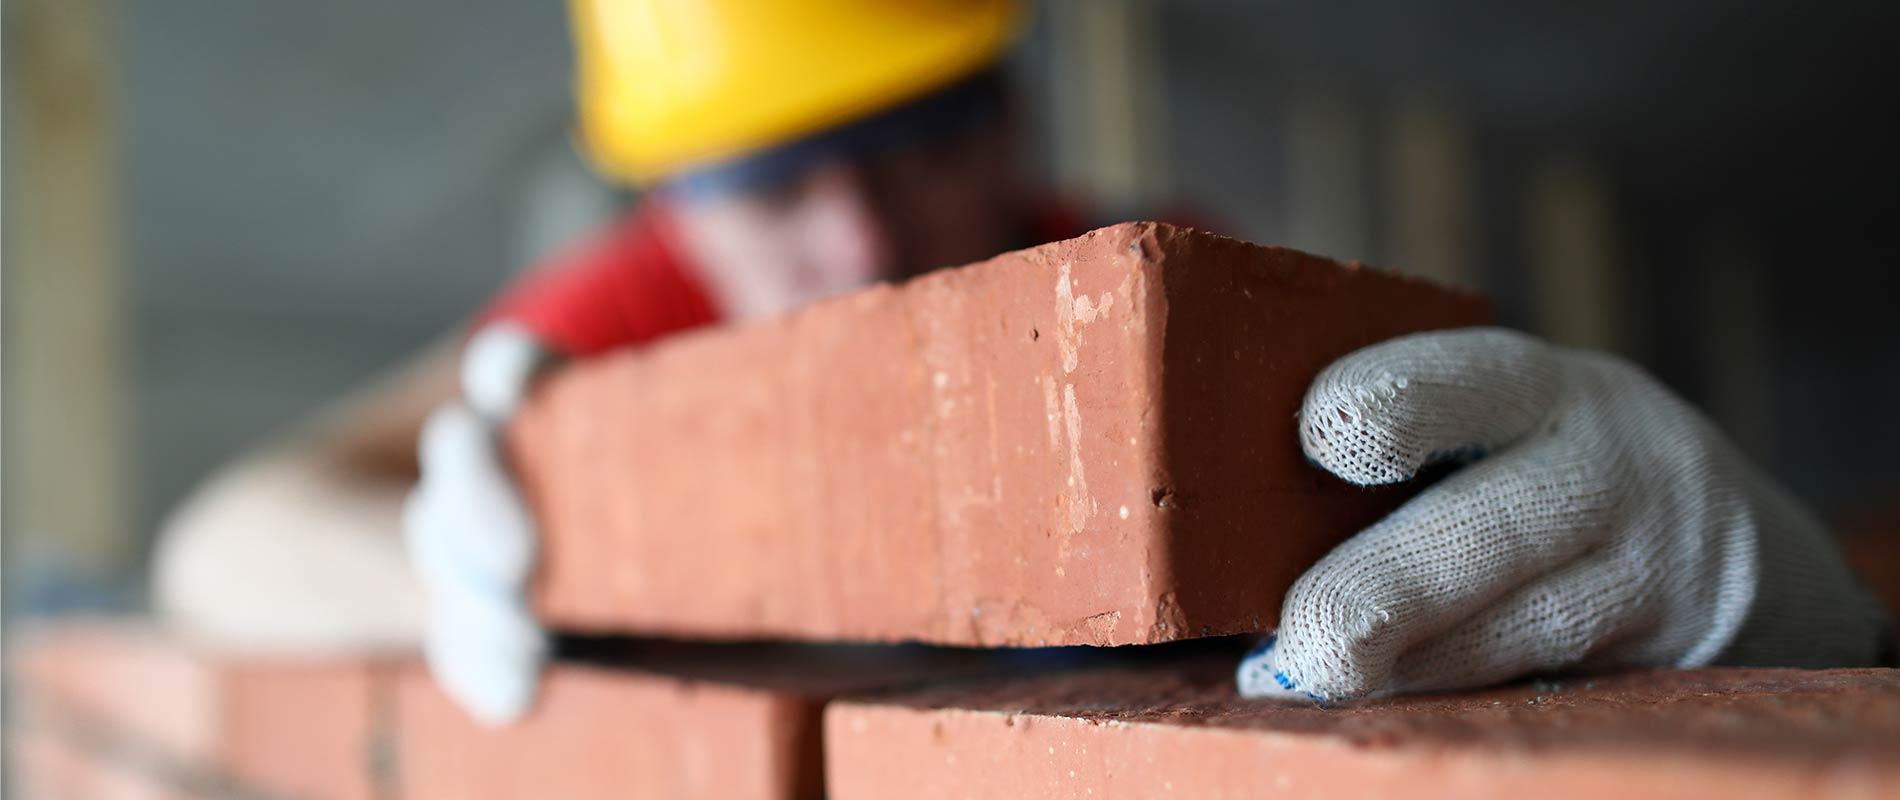 Maurer mauert eine Mauer